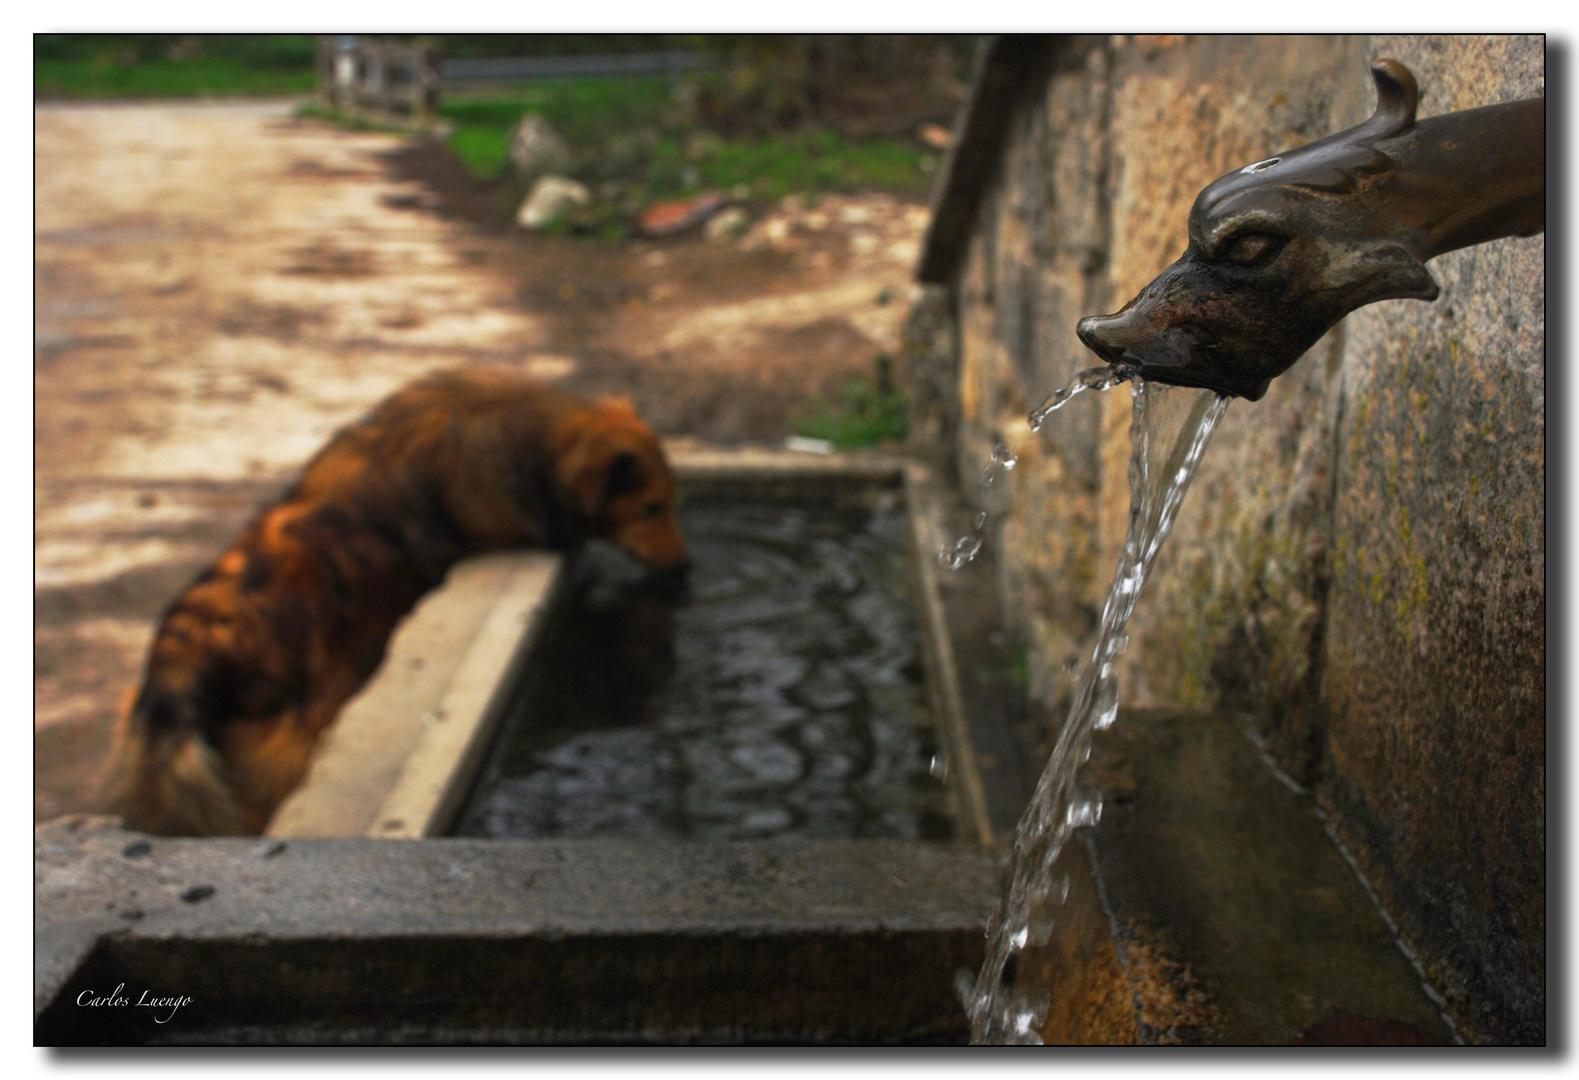 El pato que da de beber al perro